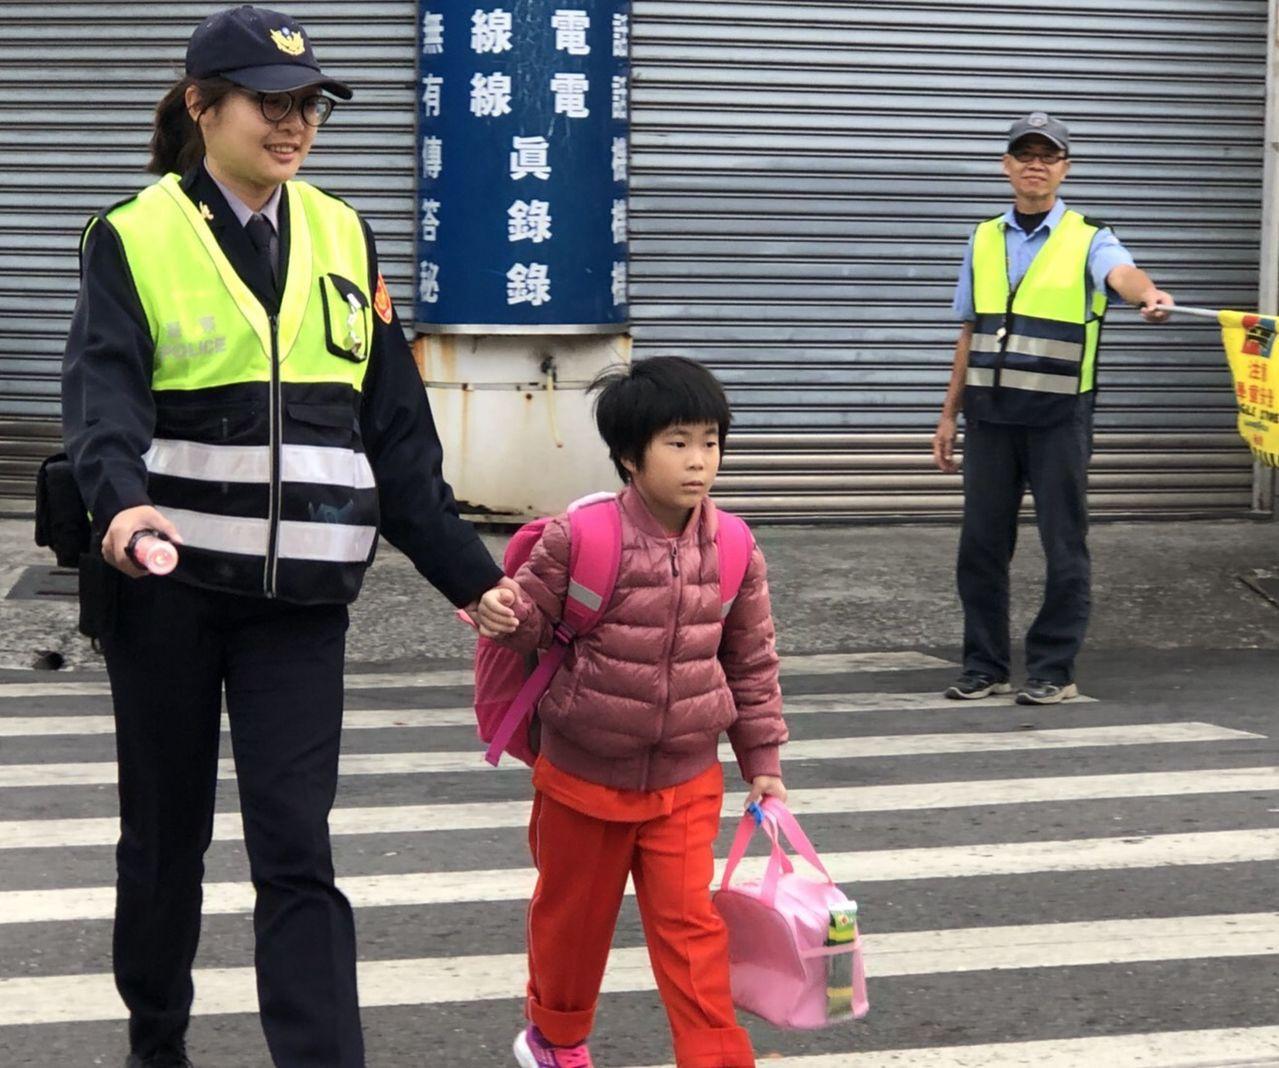 「警察阿姨」牽著學童小手,安全護送孩子上學去。記者王昭月/翻攝